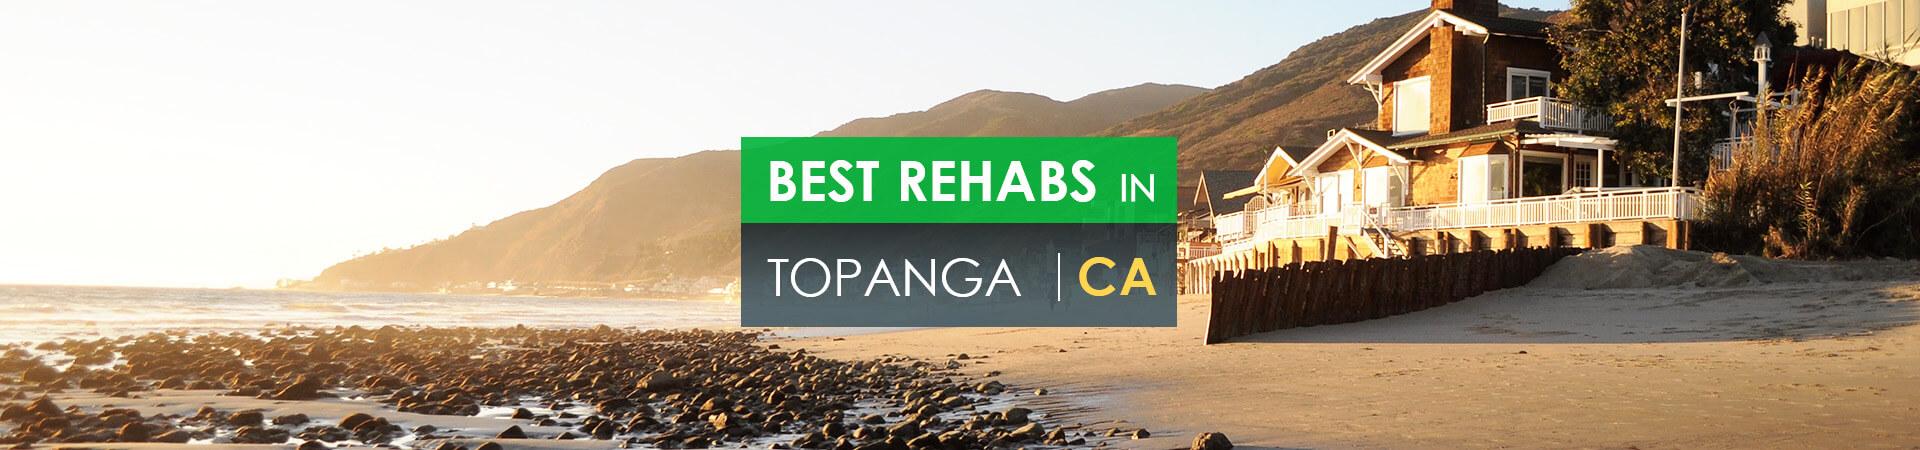 Best rehabs in Topanga, CA